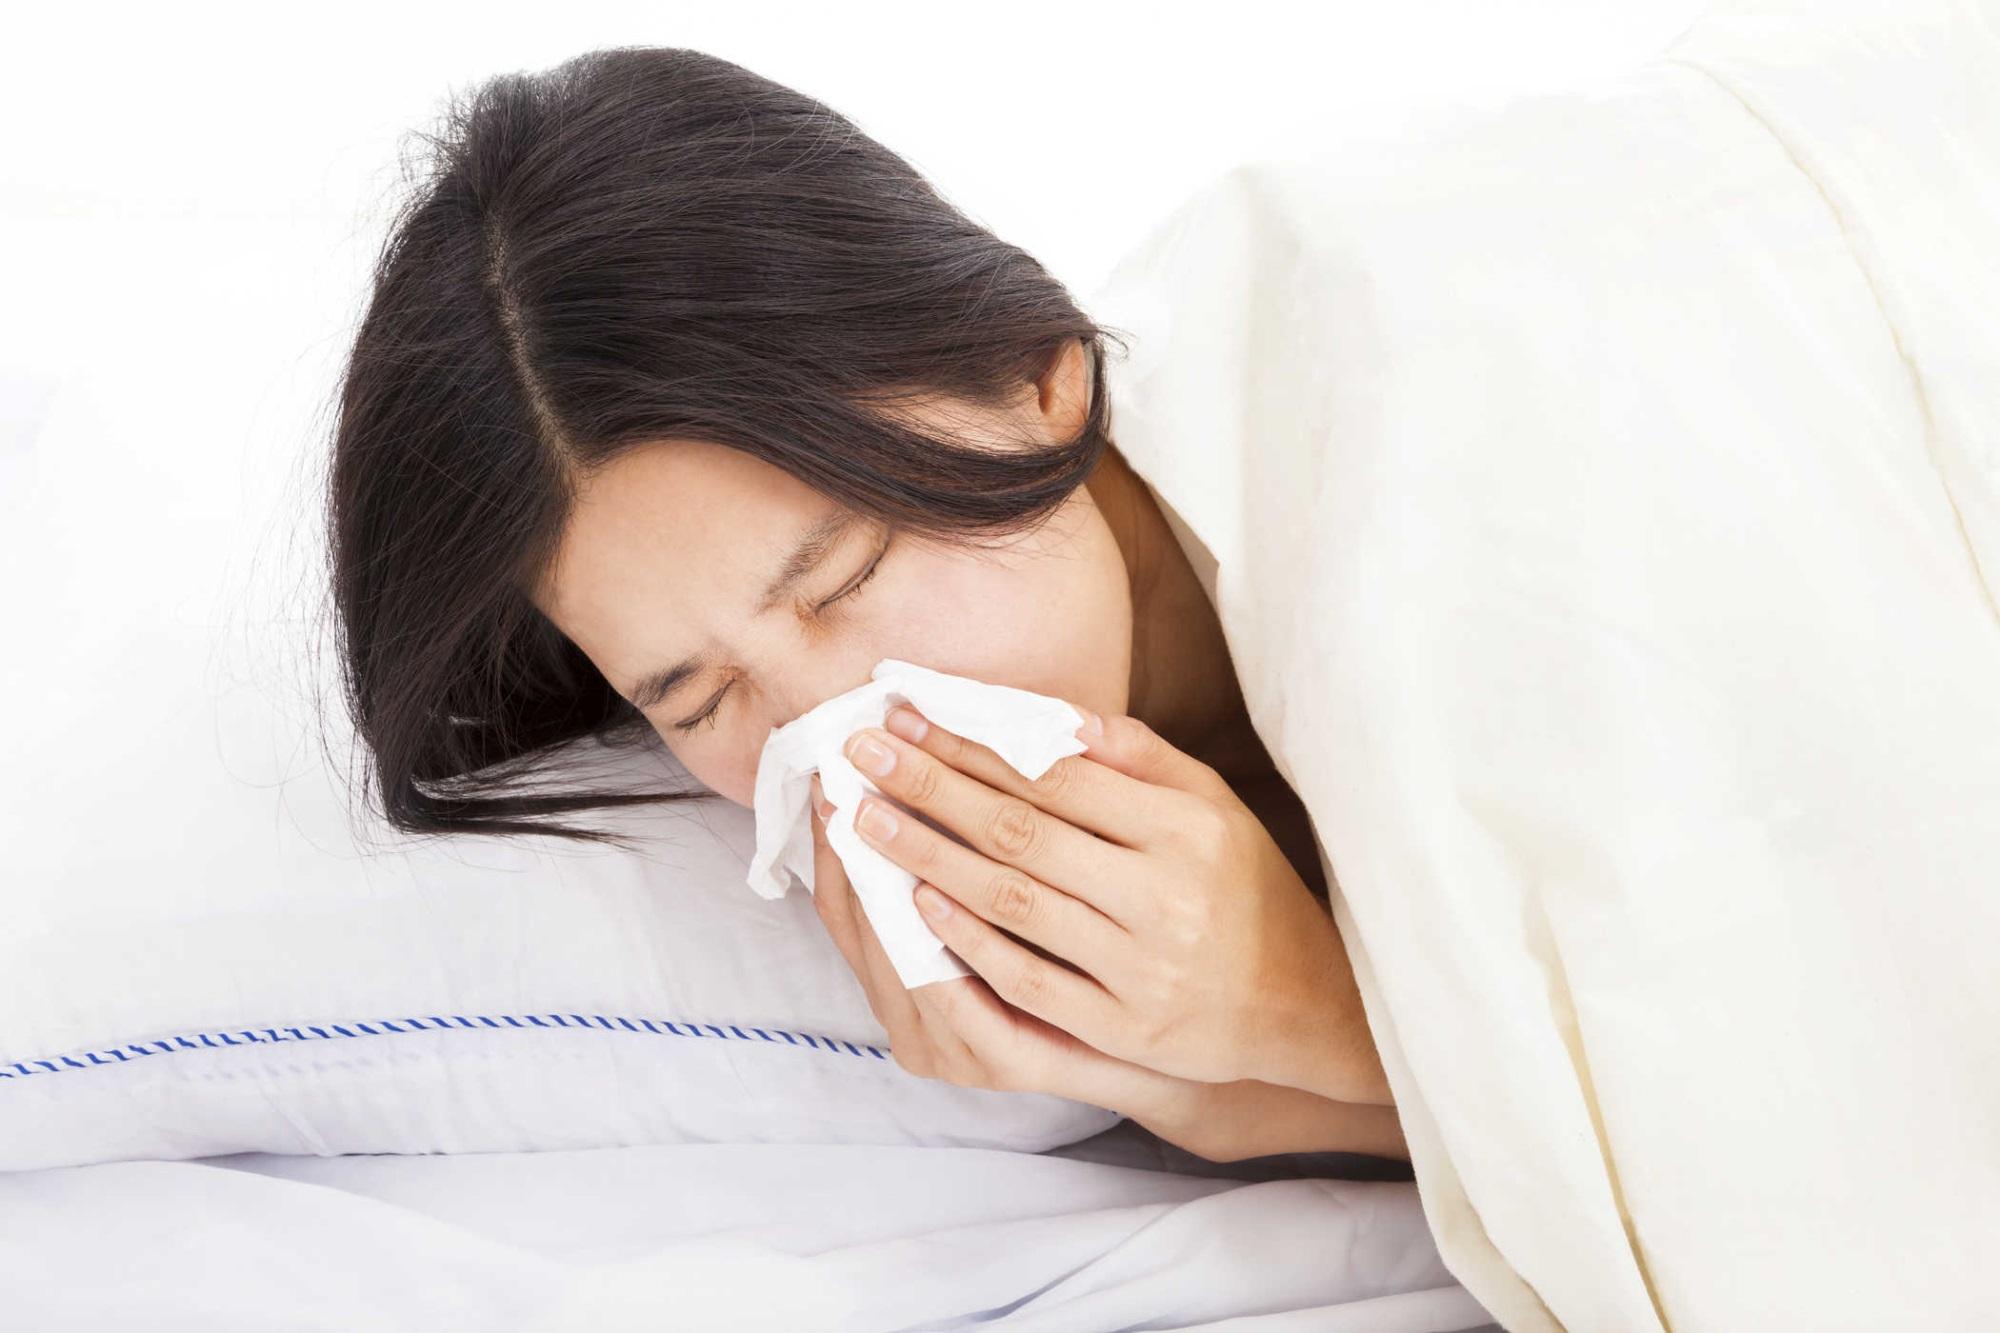 Khi bị cảm lạnh, hãy luôn giữ khoảng cách với người khác để phòng ngừa tình trạng lây lan